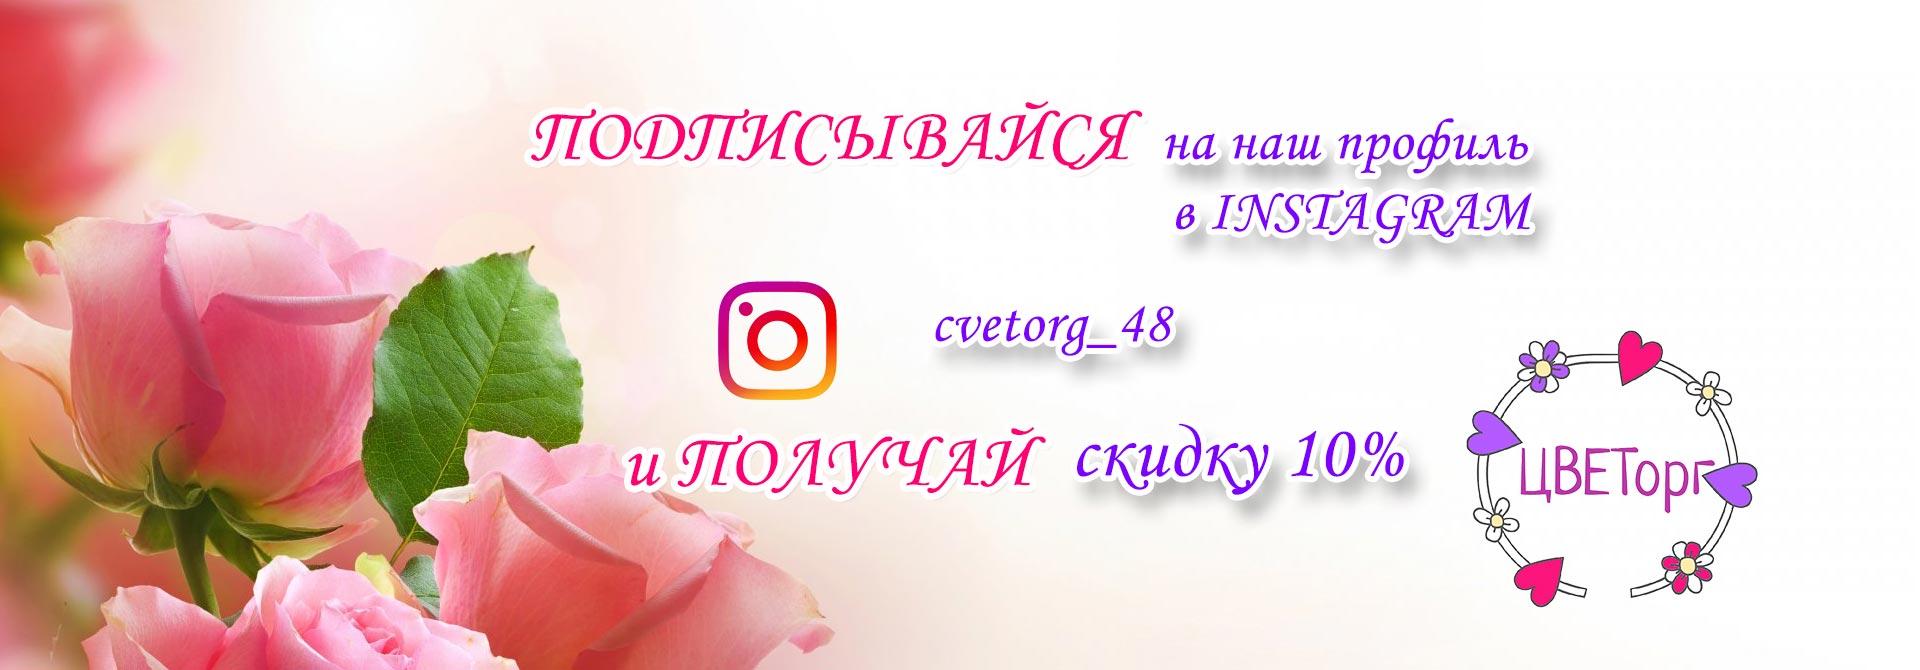 title_6077cea146f396426802811618464417